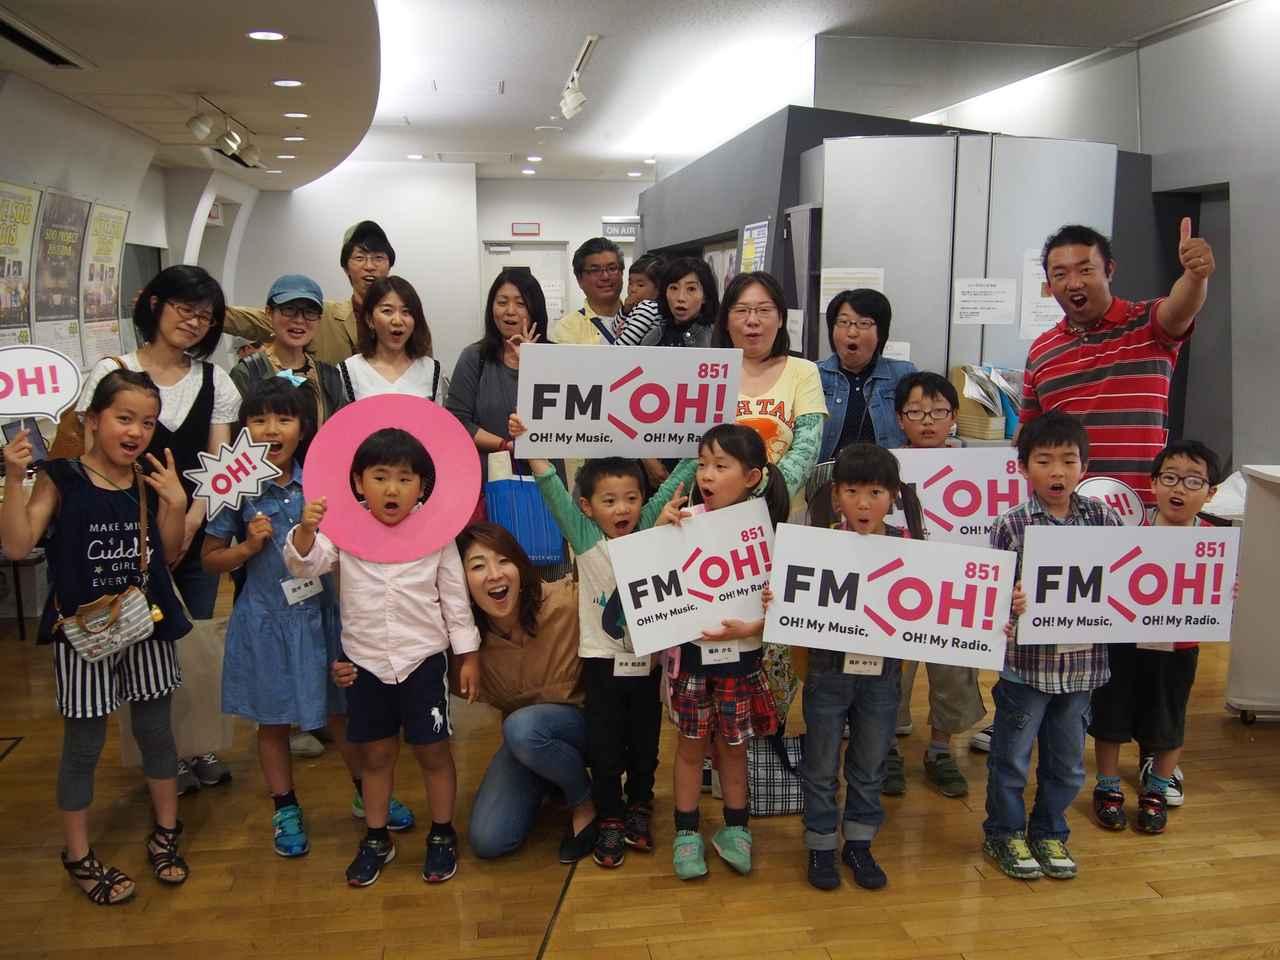 画像3: Kid'sDJ体験&FM OH!スタジオ見学をしよう!